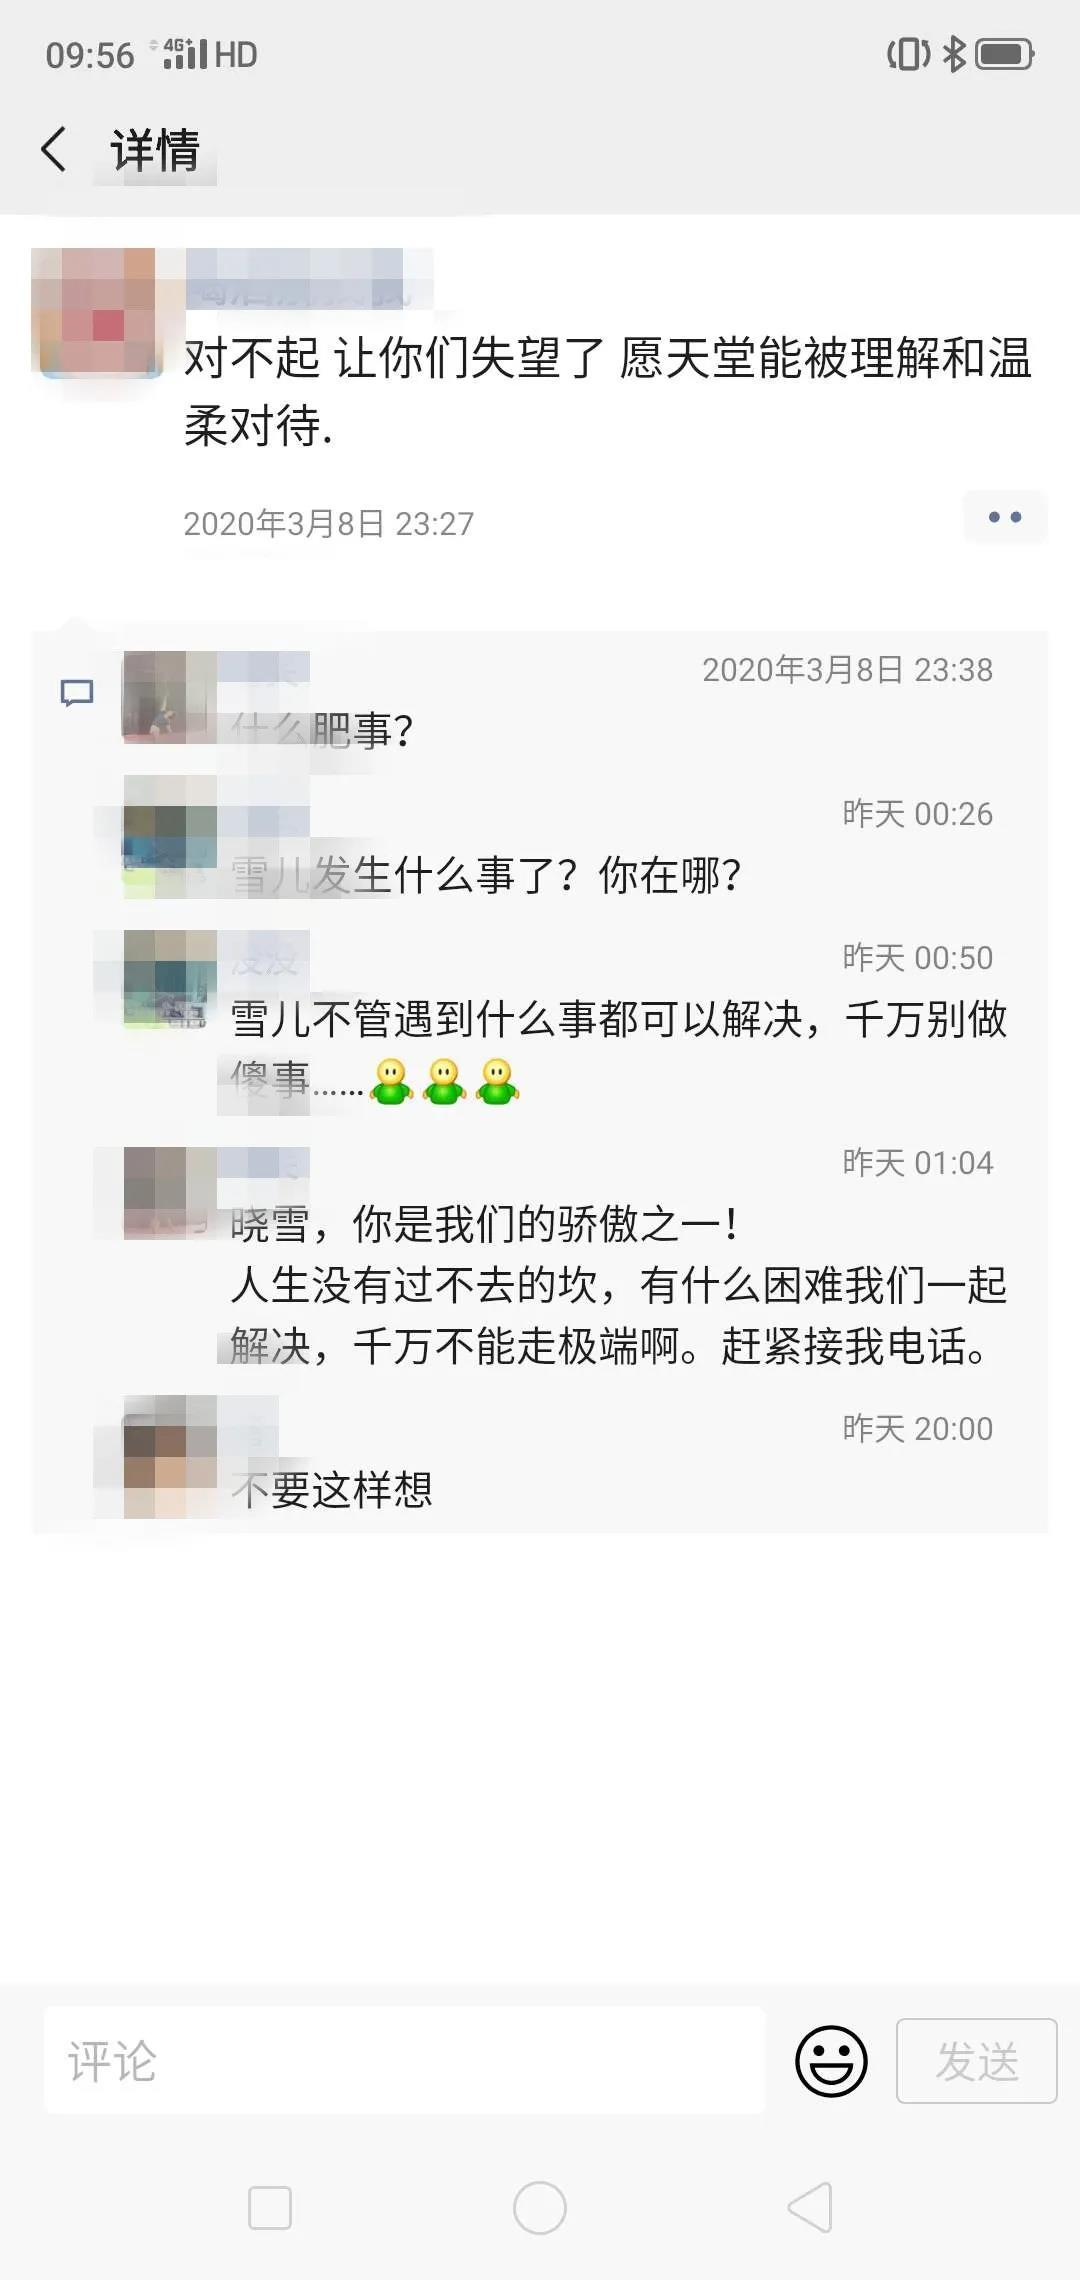 用户投诉万达电影App涉嫌欺骗消费者